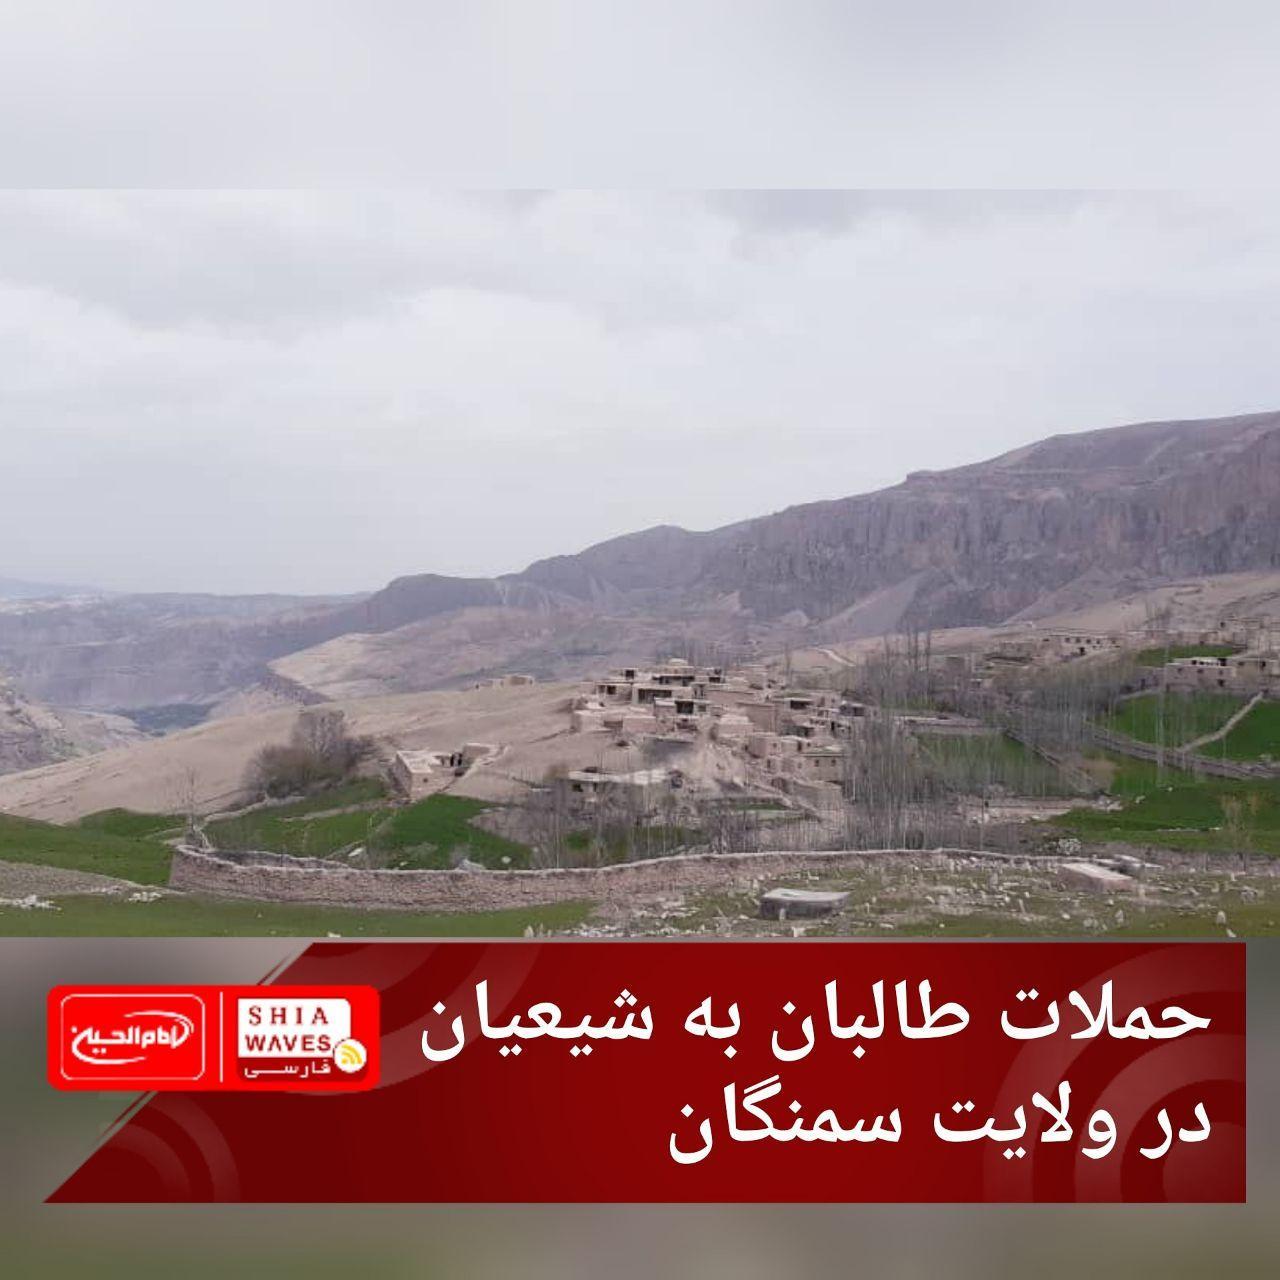 تصویر حملات طالبان به شیعیان در ولایت سمنگان